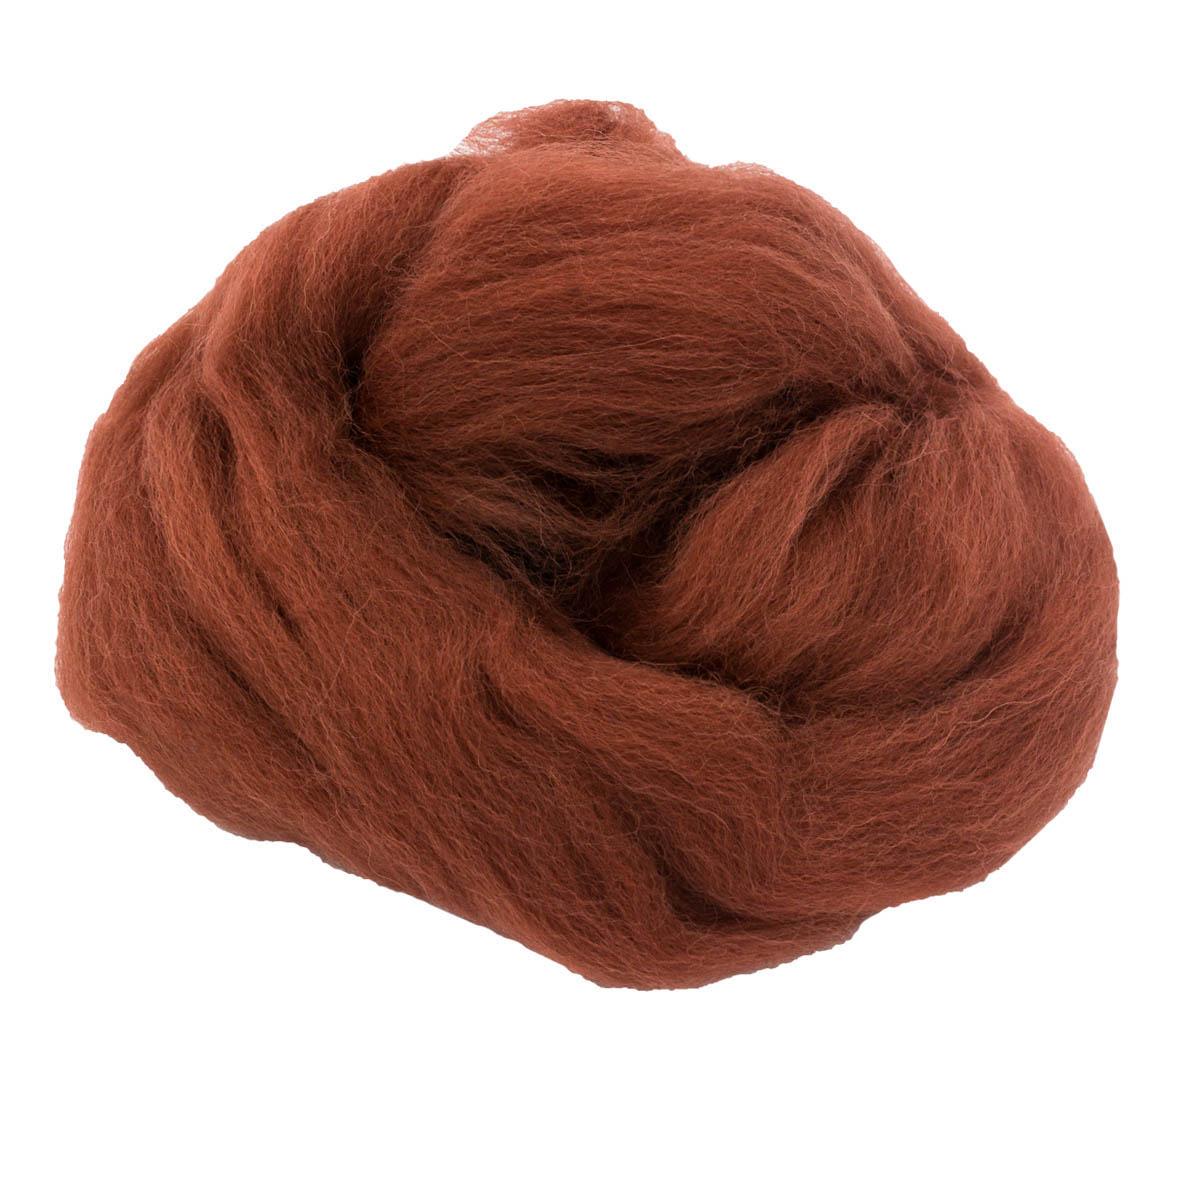 84310-1 ORCHIDEA Шерсть для валяния, цвет красно-коричневый, 10 г